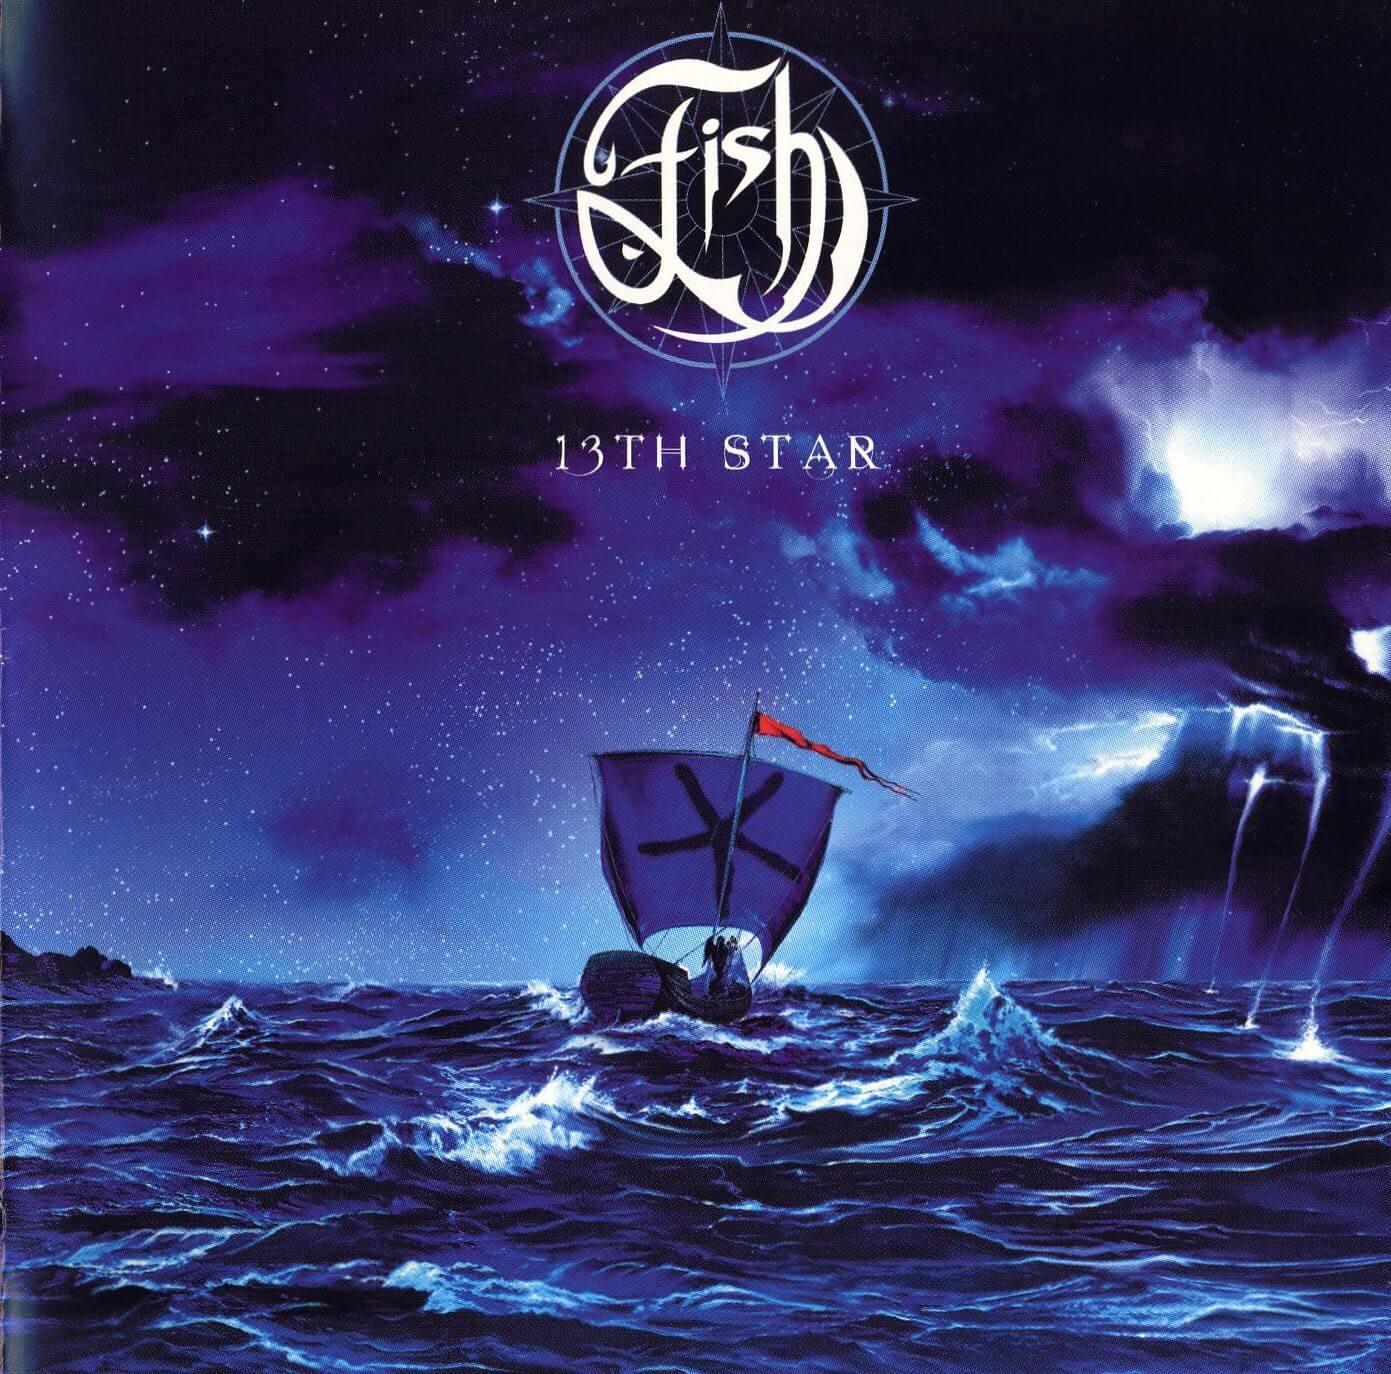 Fish en solitario,discografia(1990-2019) Fish-13th-Star-Front